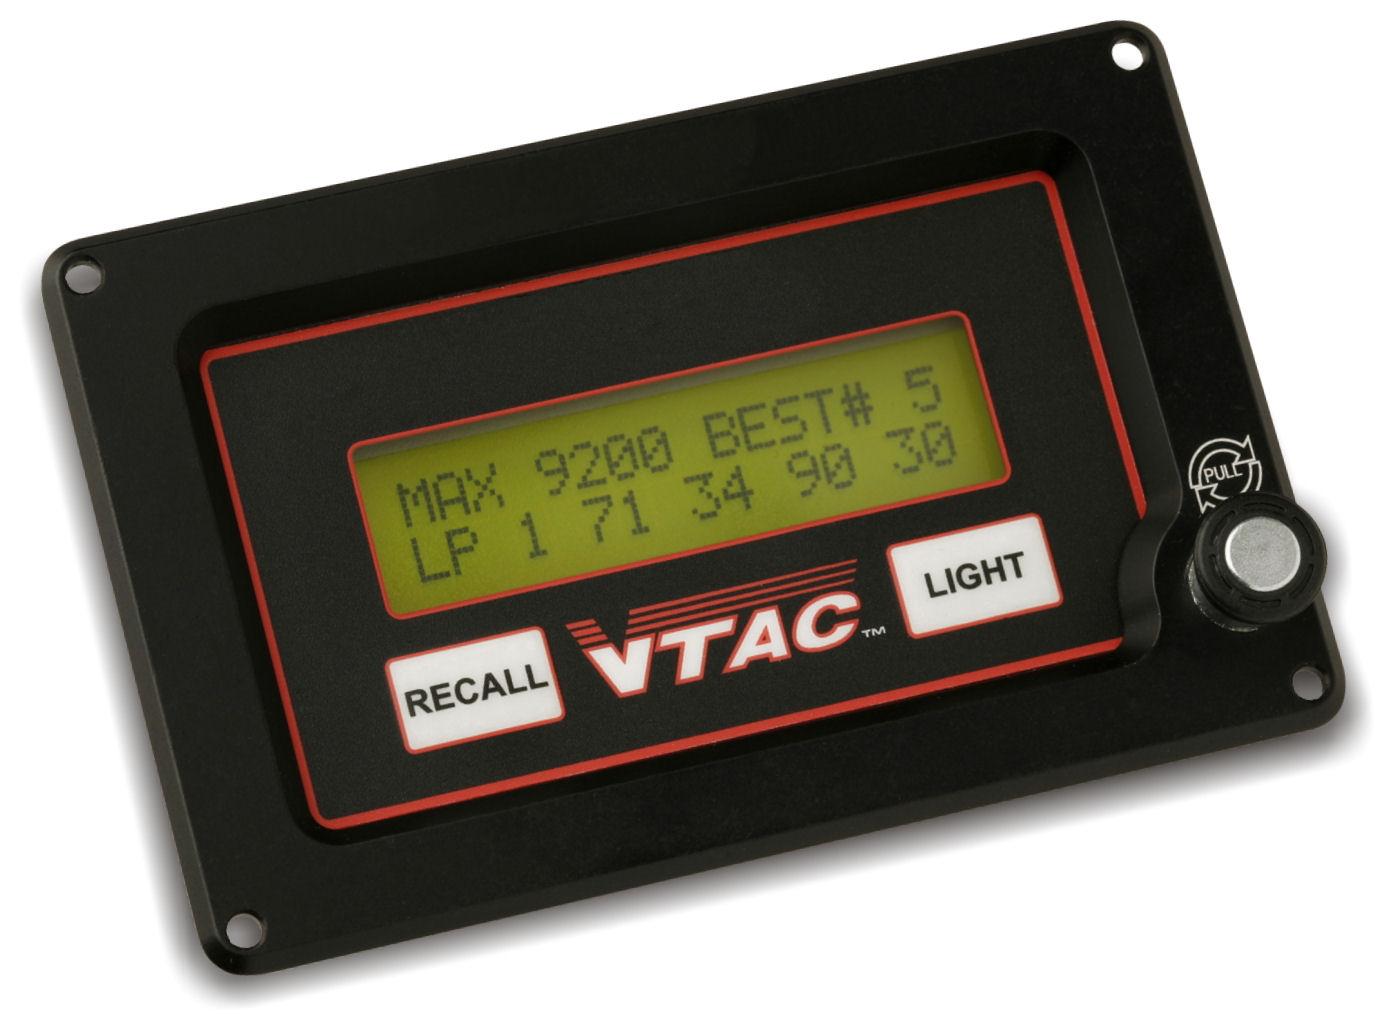 tel tach wiring diagram 2000 ford explorer exhaust auto mobile tachometer automotive pcm